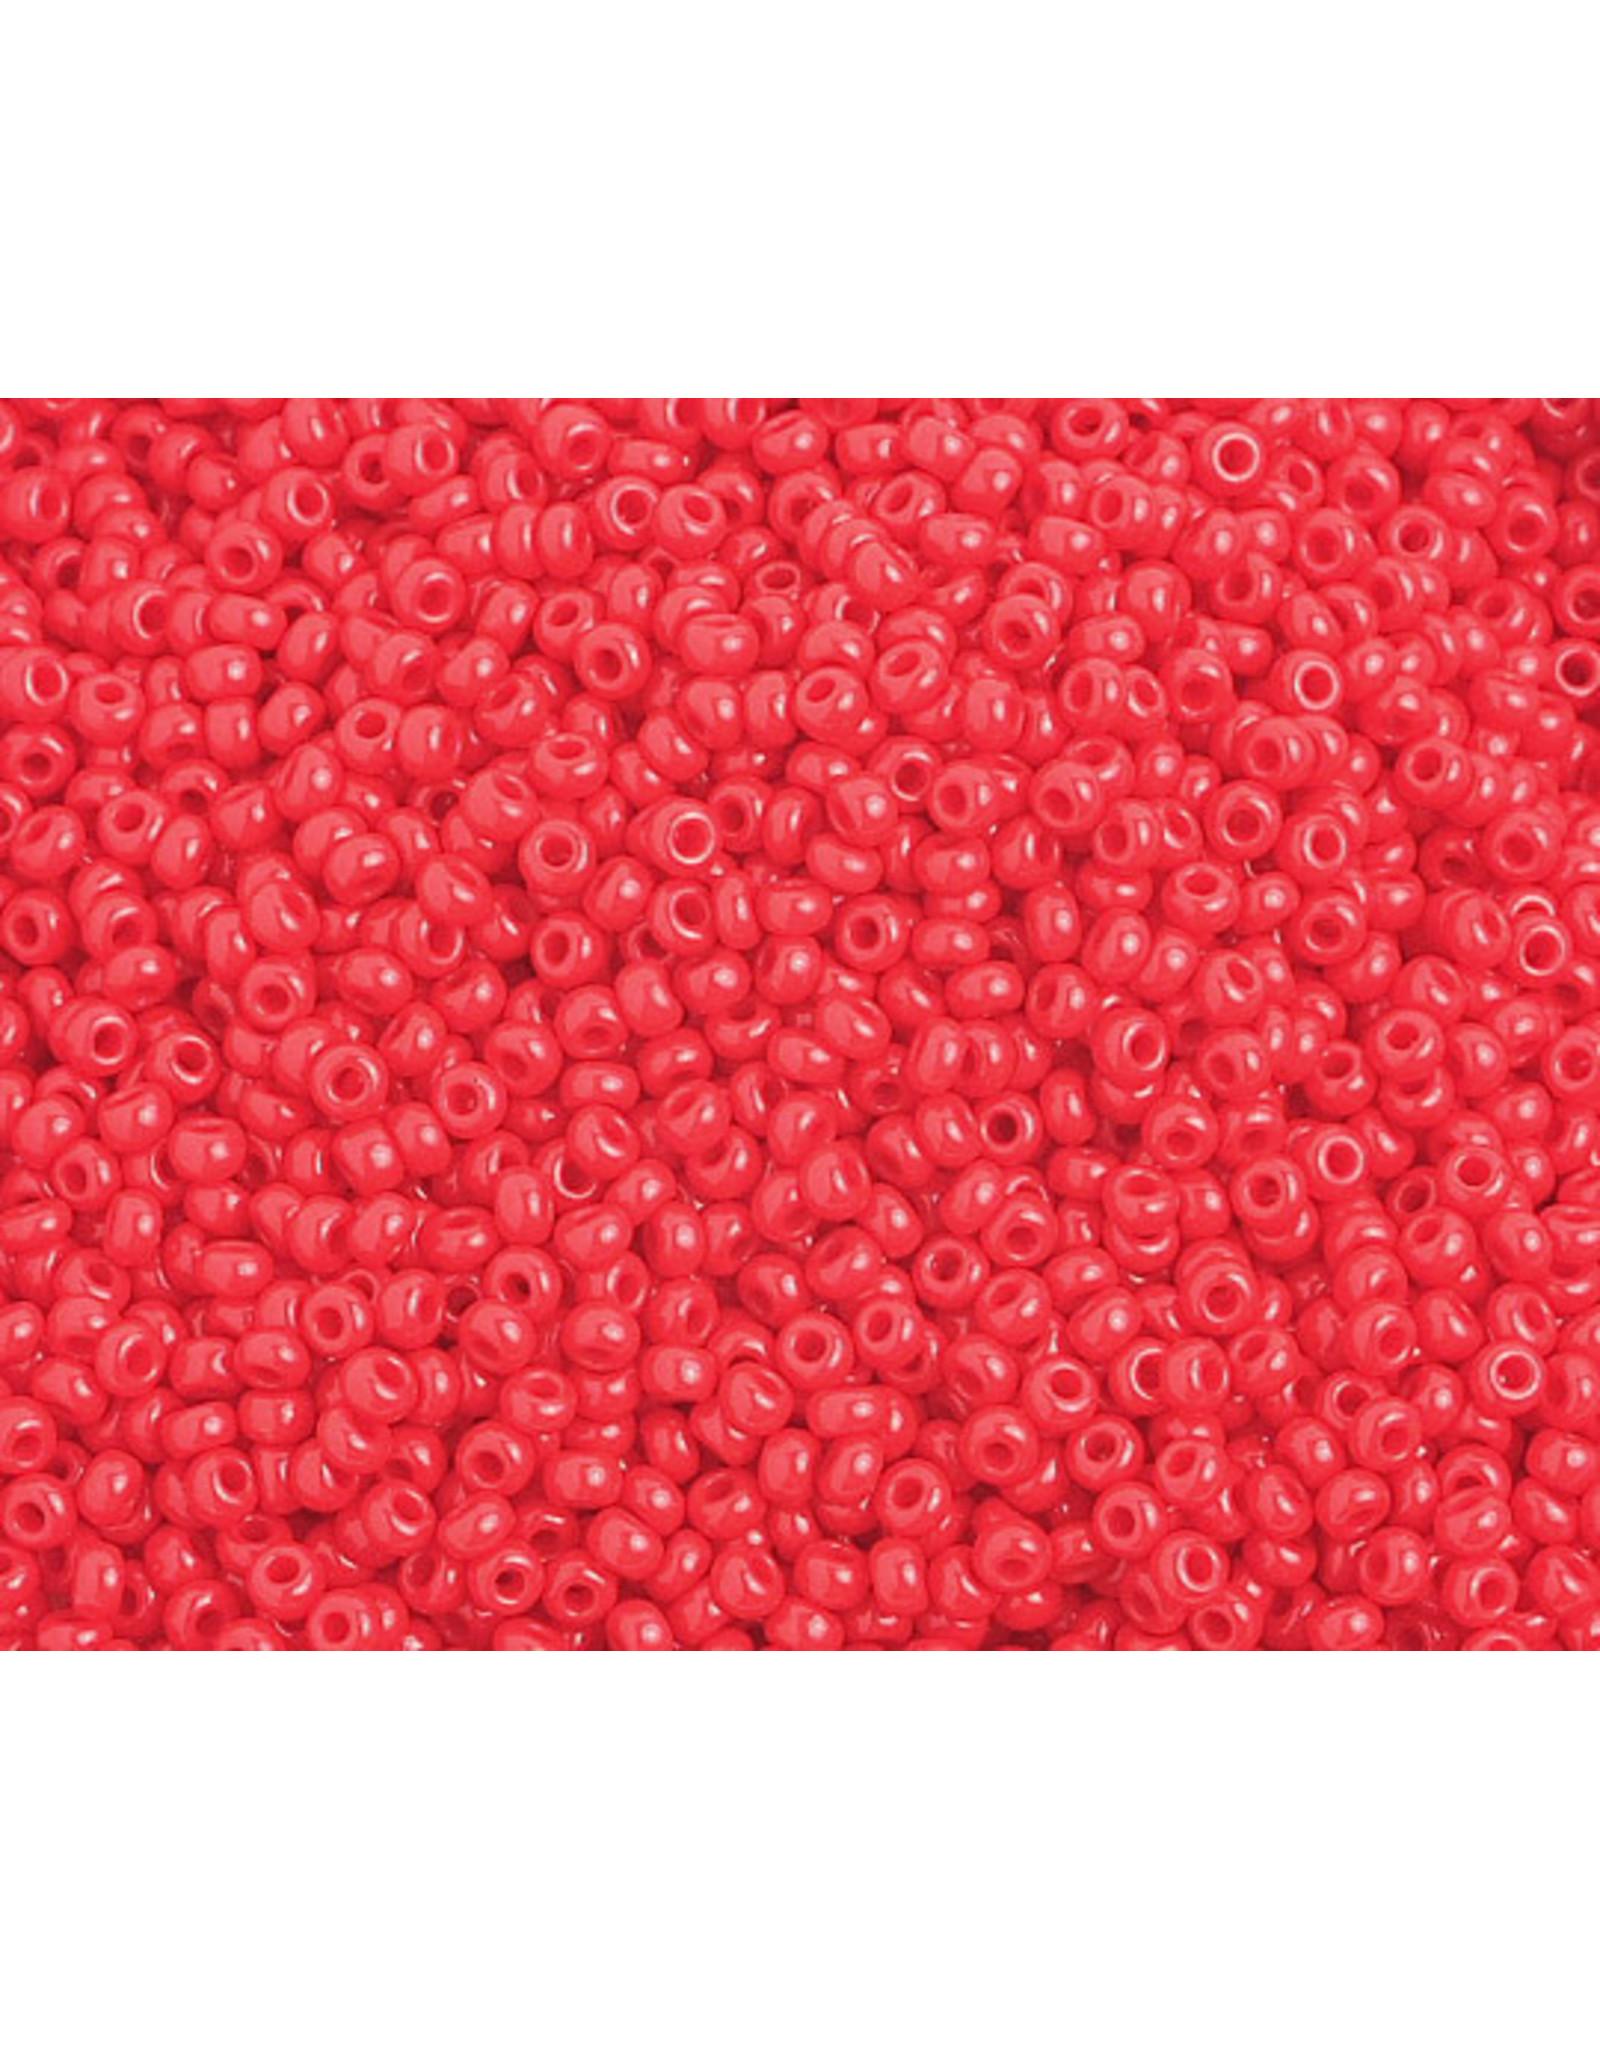 Czech 1026B 10 Czech Seed 250g Opaque Medium Red